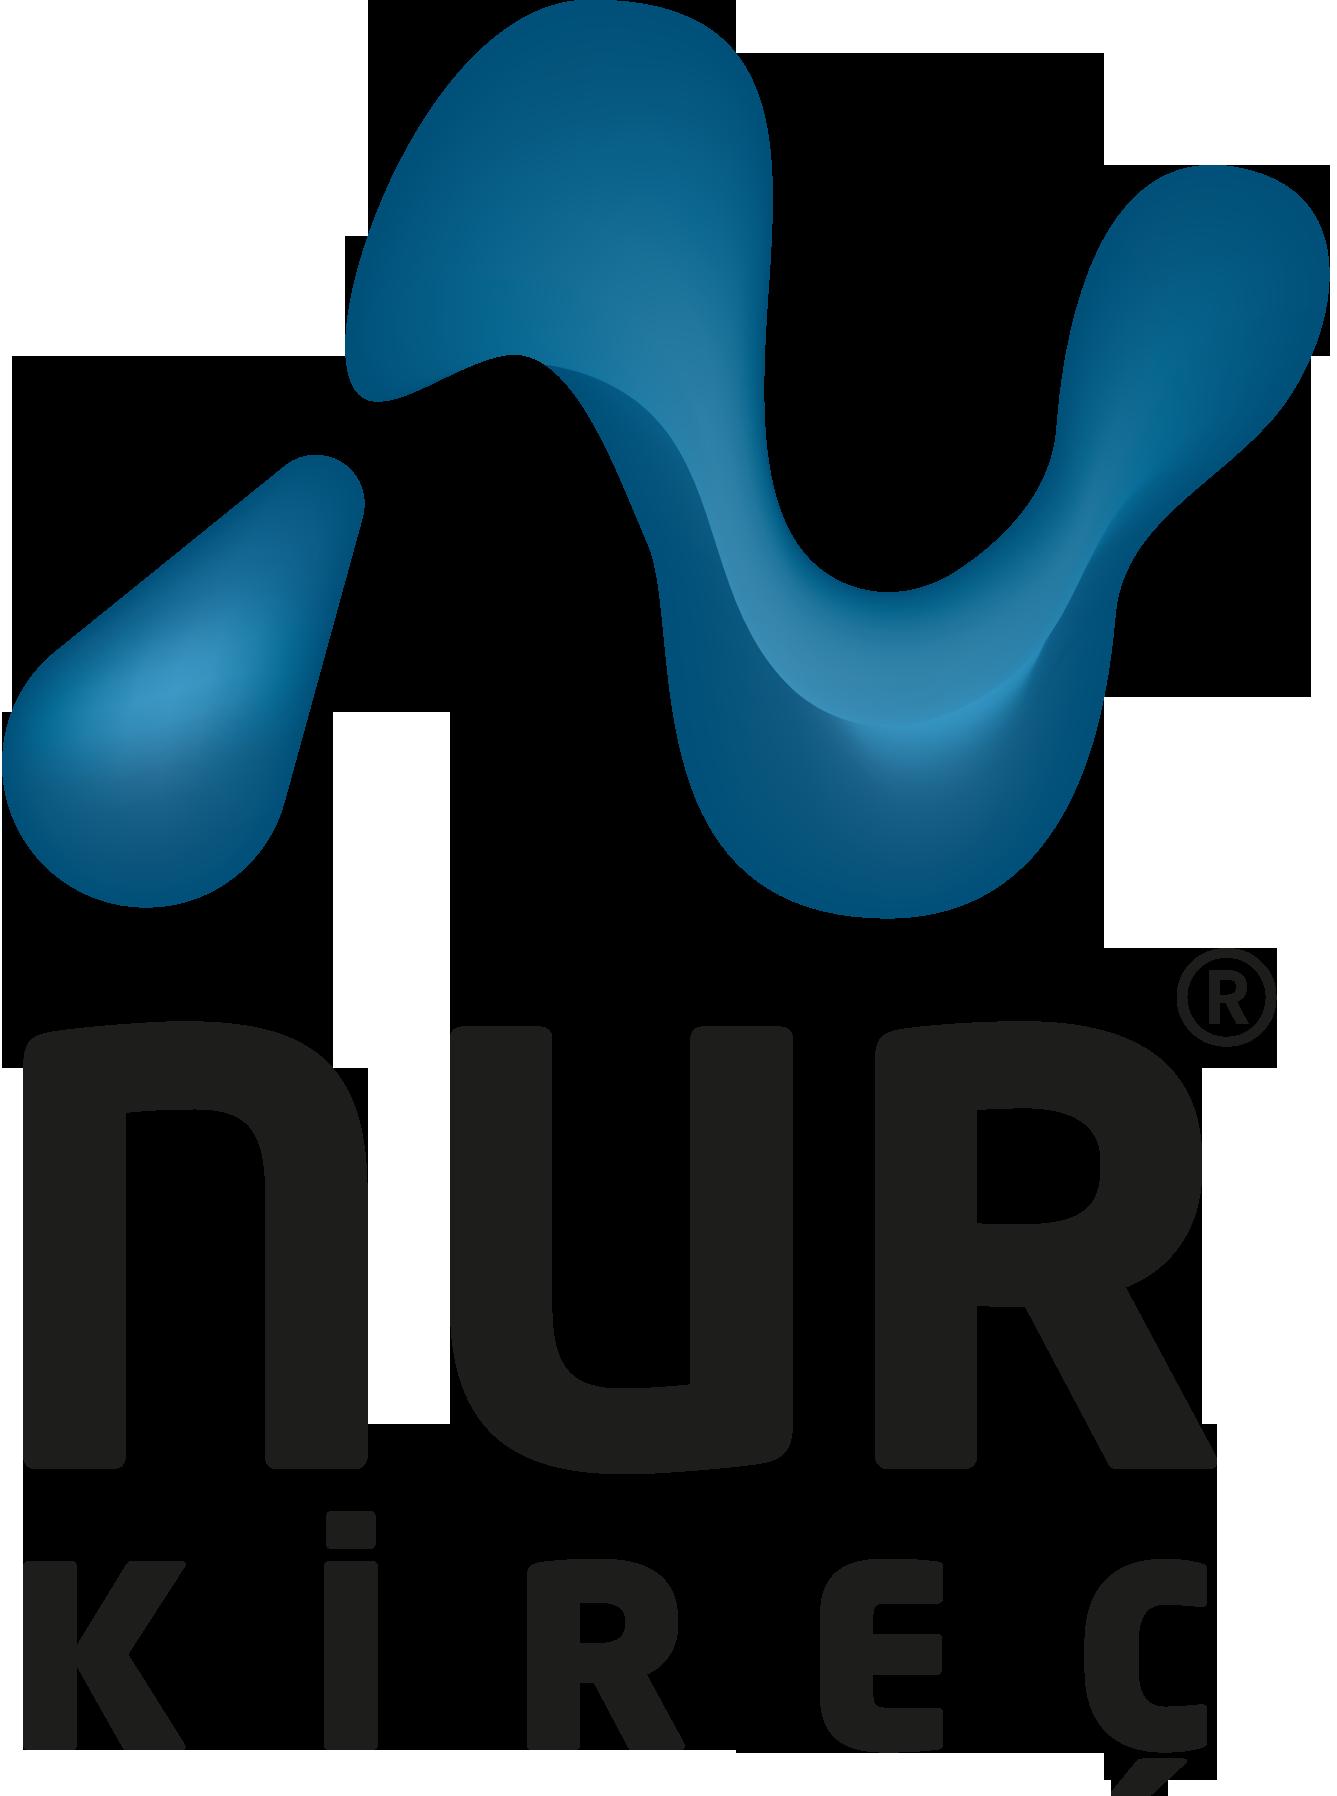 nur-kirec-logo.png